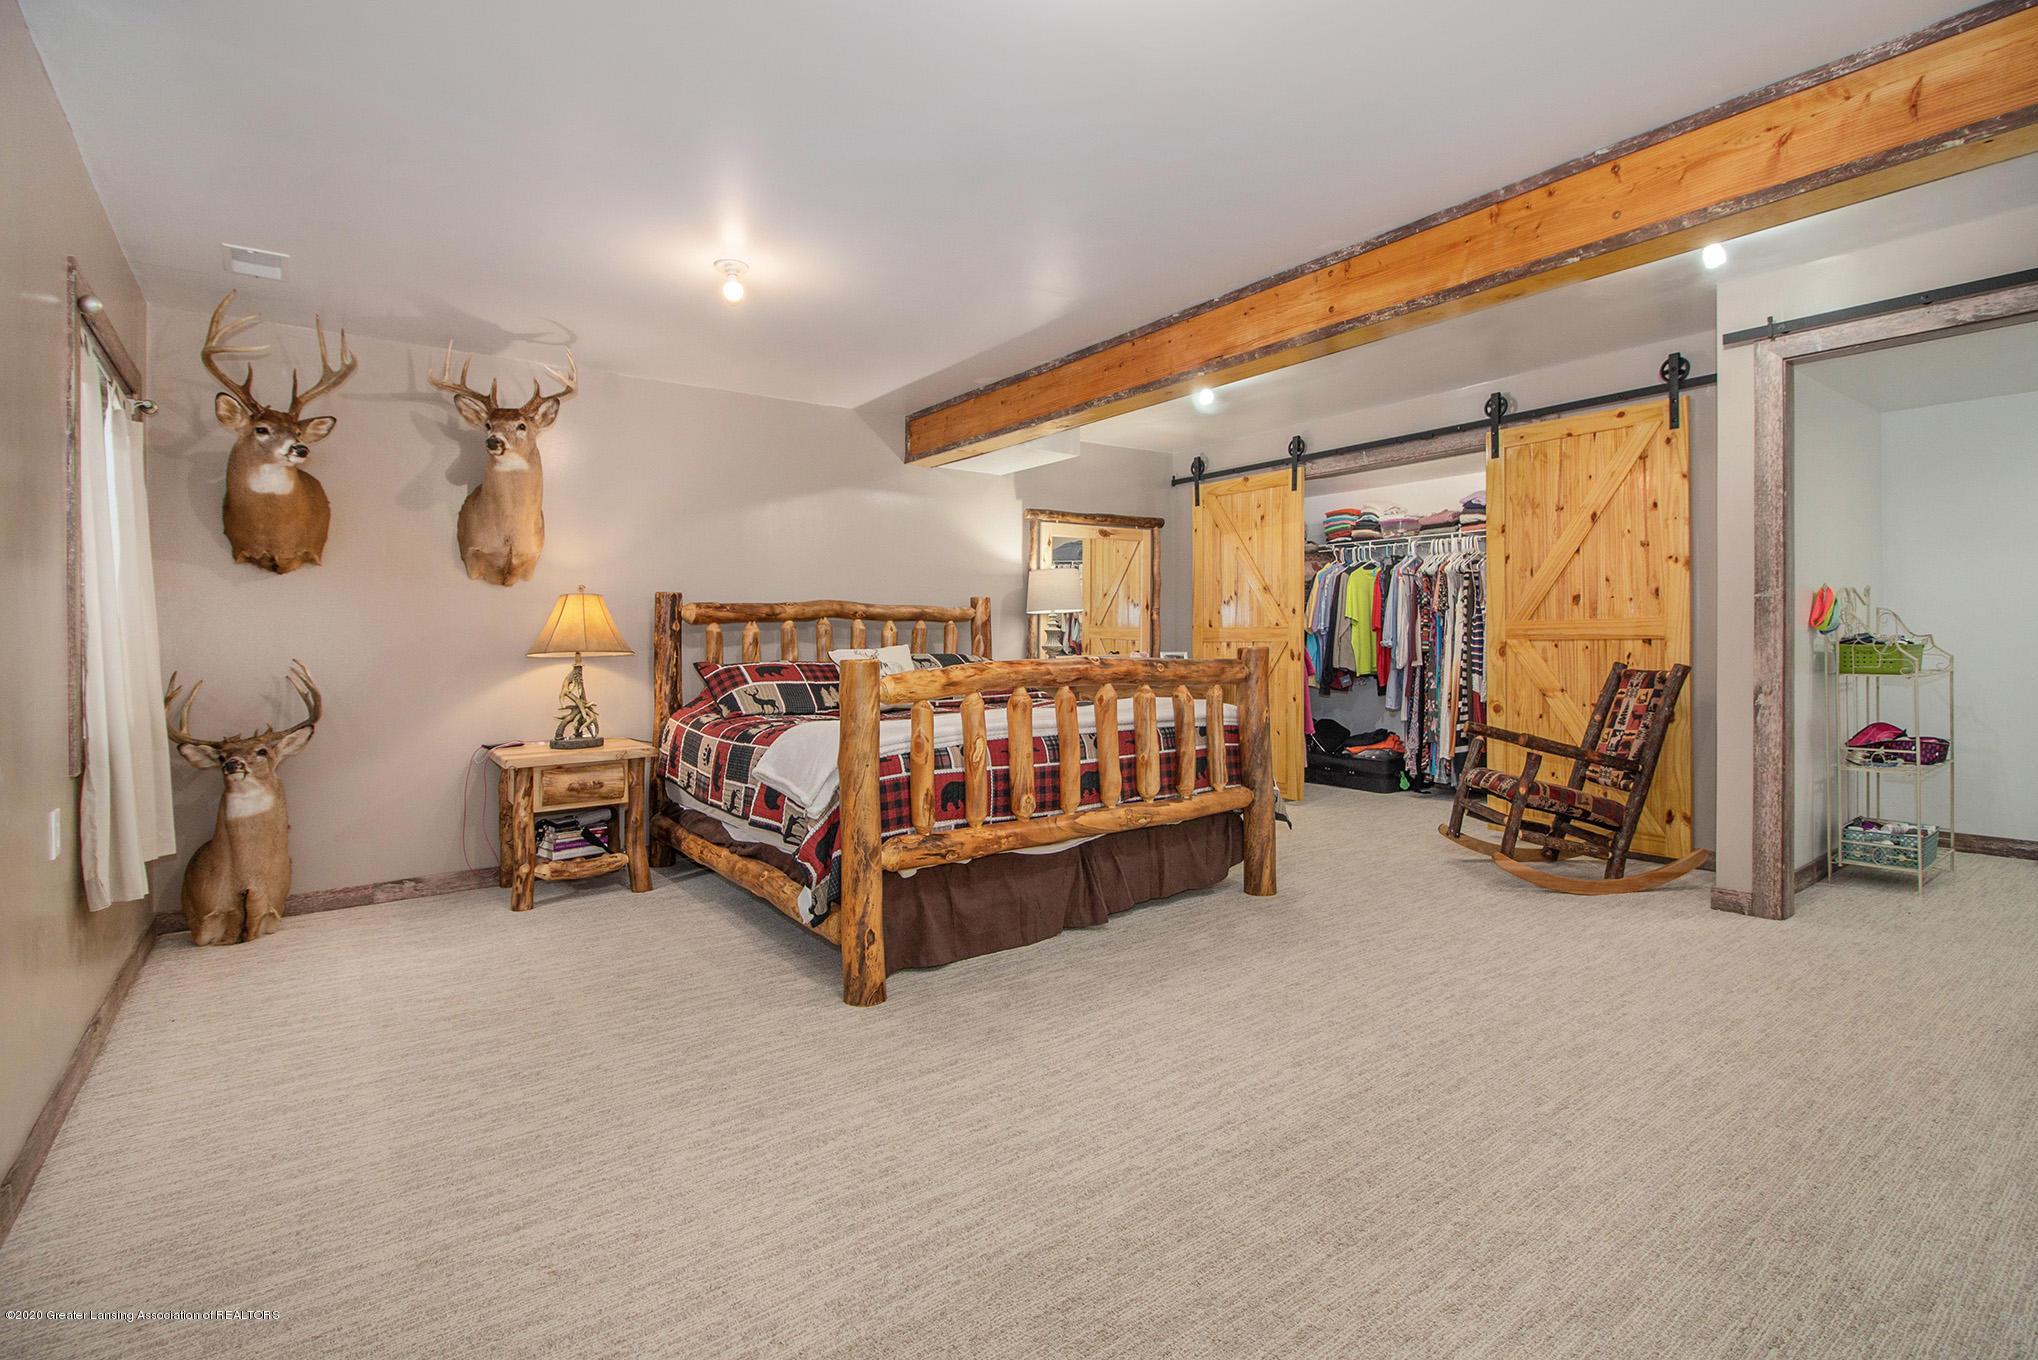 2055 Tuttle Rd - Basement Bedroom 3 - 15